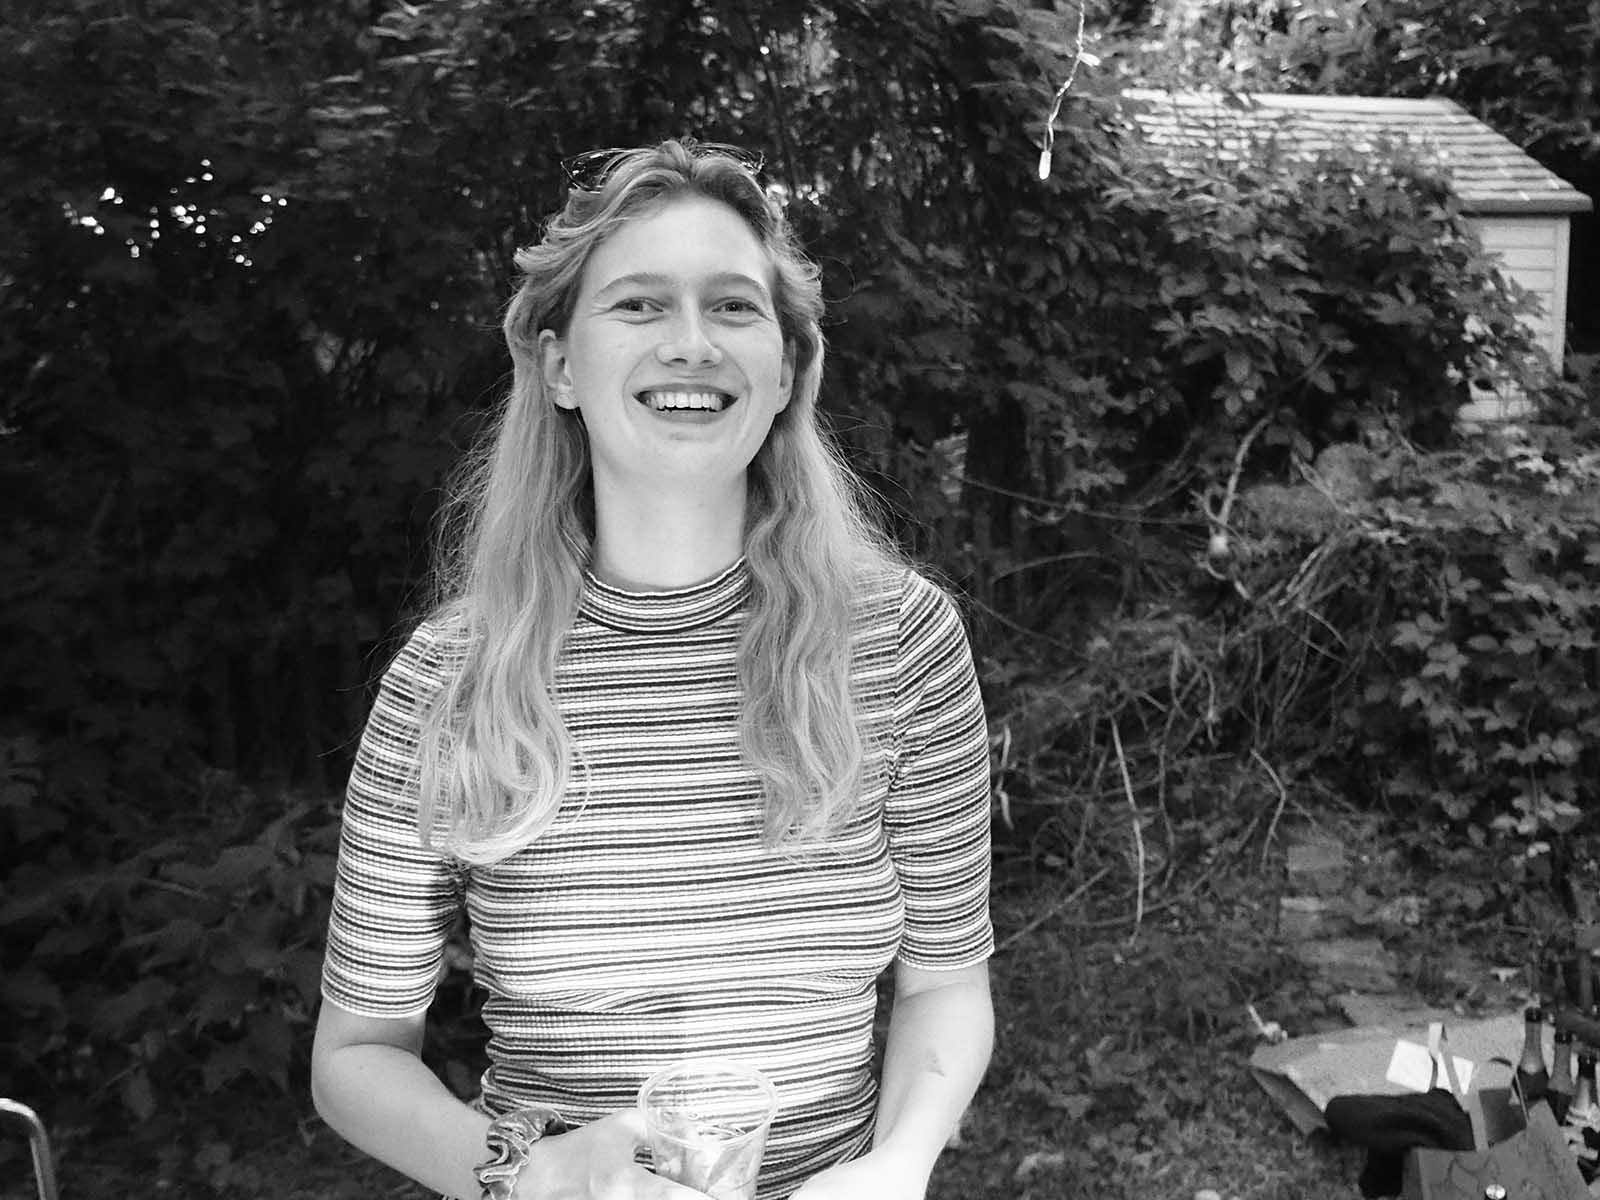 Hannah Maciejewski sieht den Weg zu einer besseren Welt in den sozialen Bewegungen statt in der institutionellen Politik.